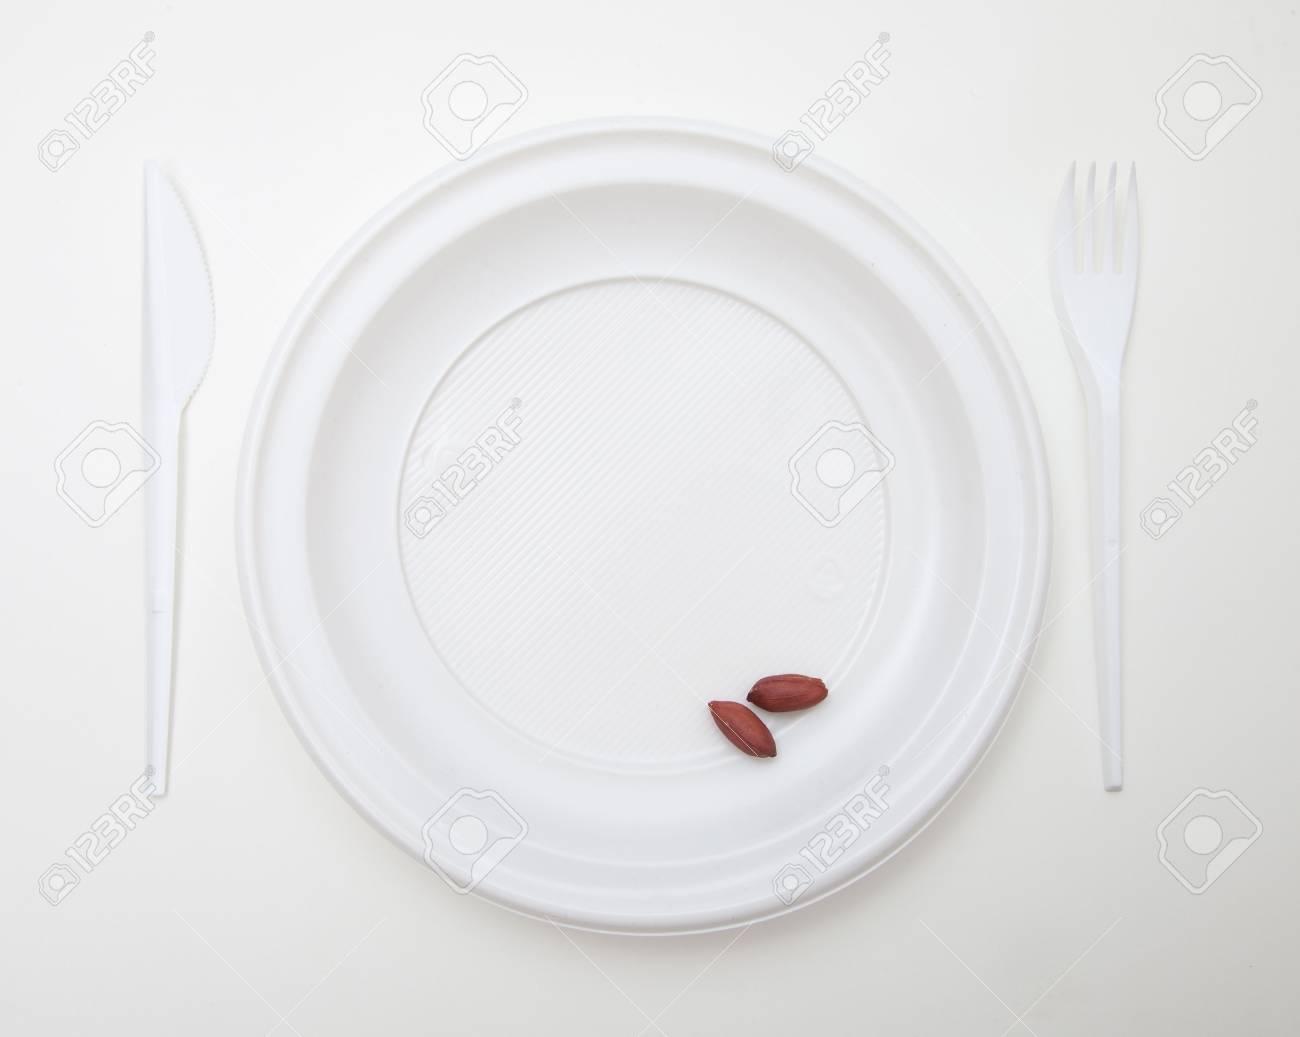 Weiß Einweg Geschirr Set Gabel Messer Und Erdnuss Lizenzfreie Fotos